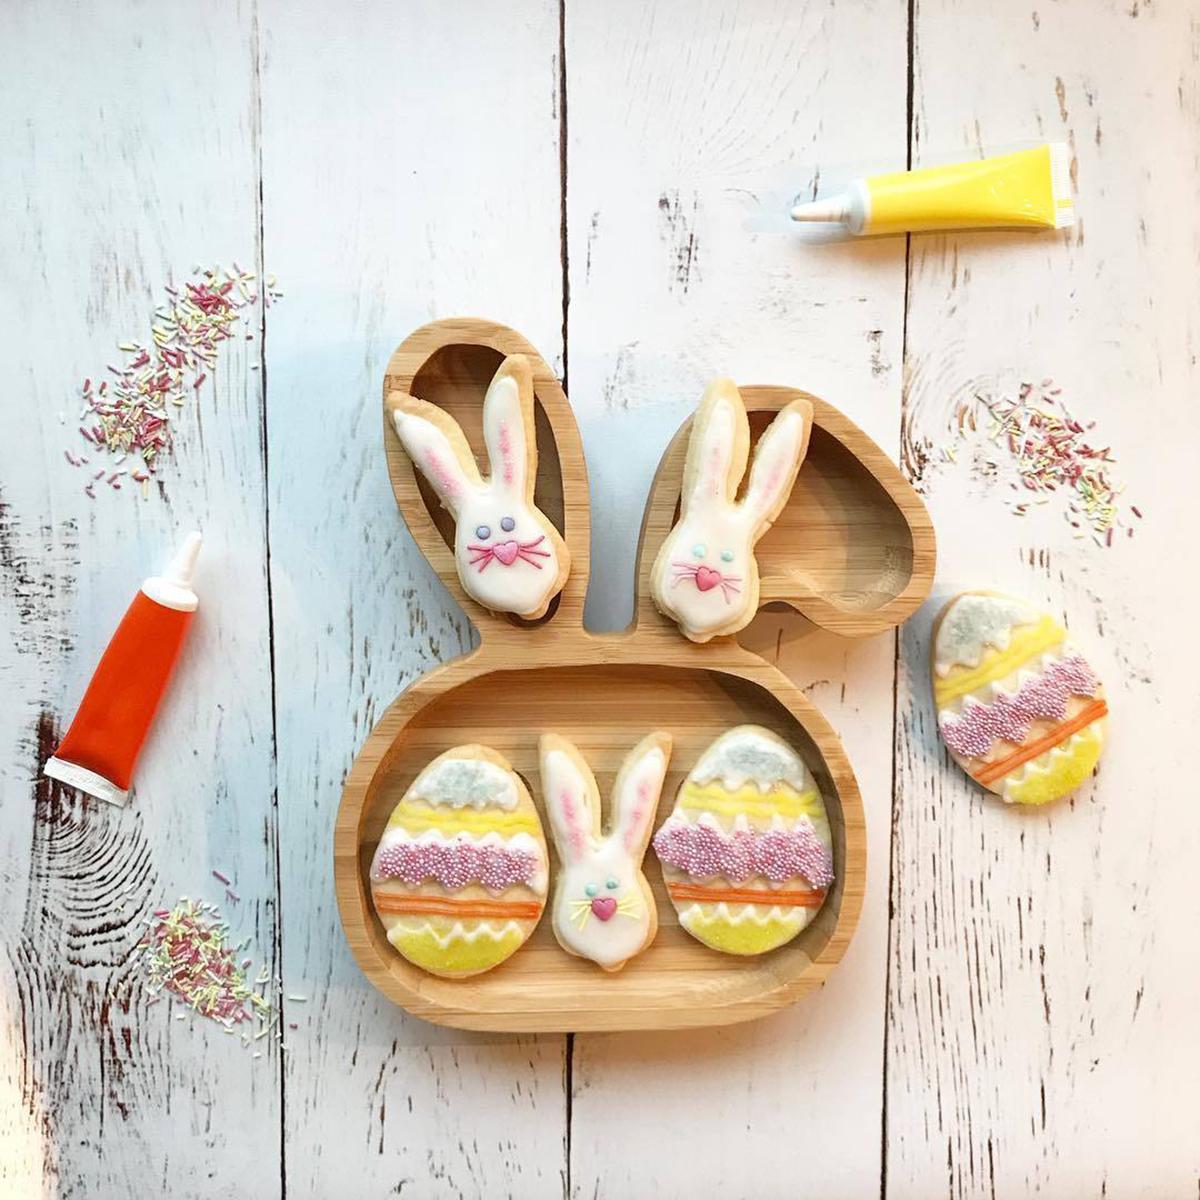 Assiette de succion pour bébé enfant en bas âge Mettez une assiette de nutrition Assiette en bambou naturel en forme de lapin pour enfants